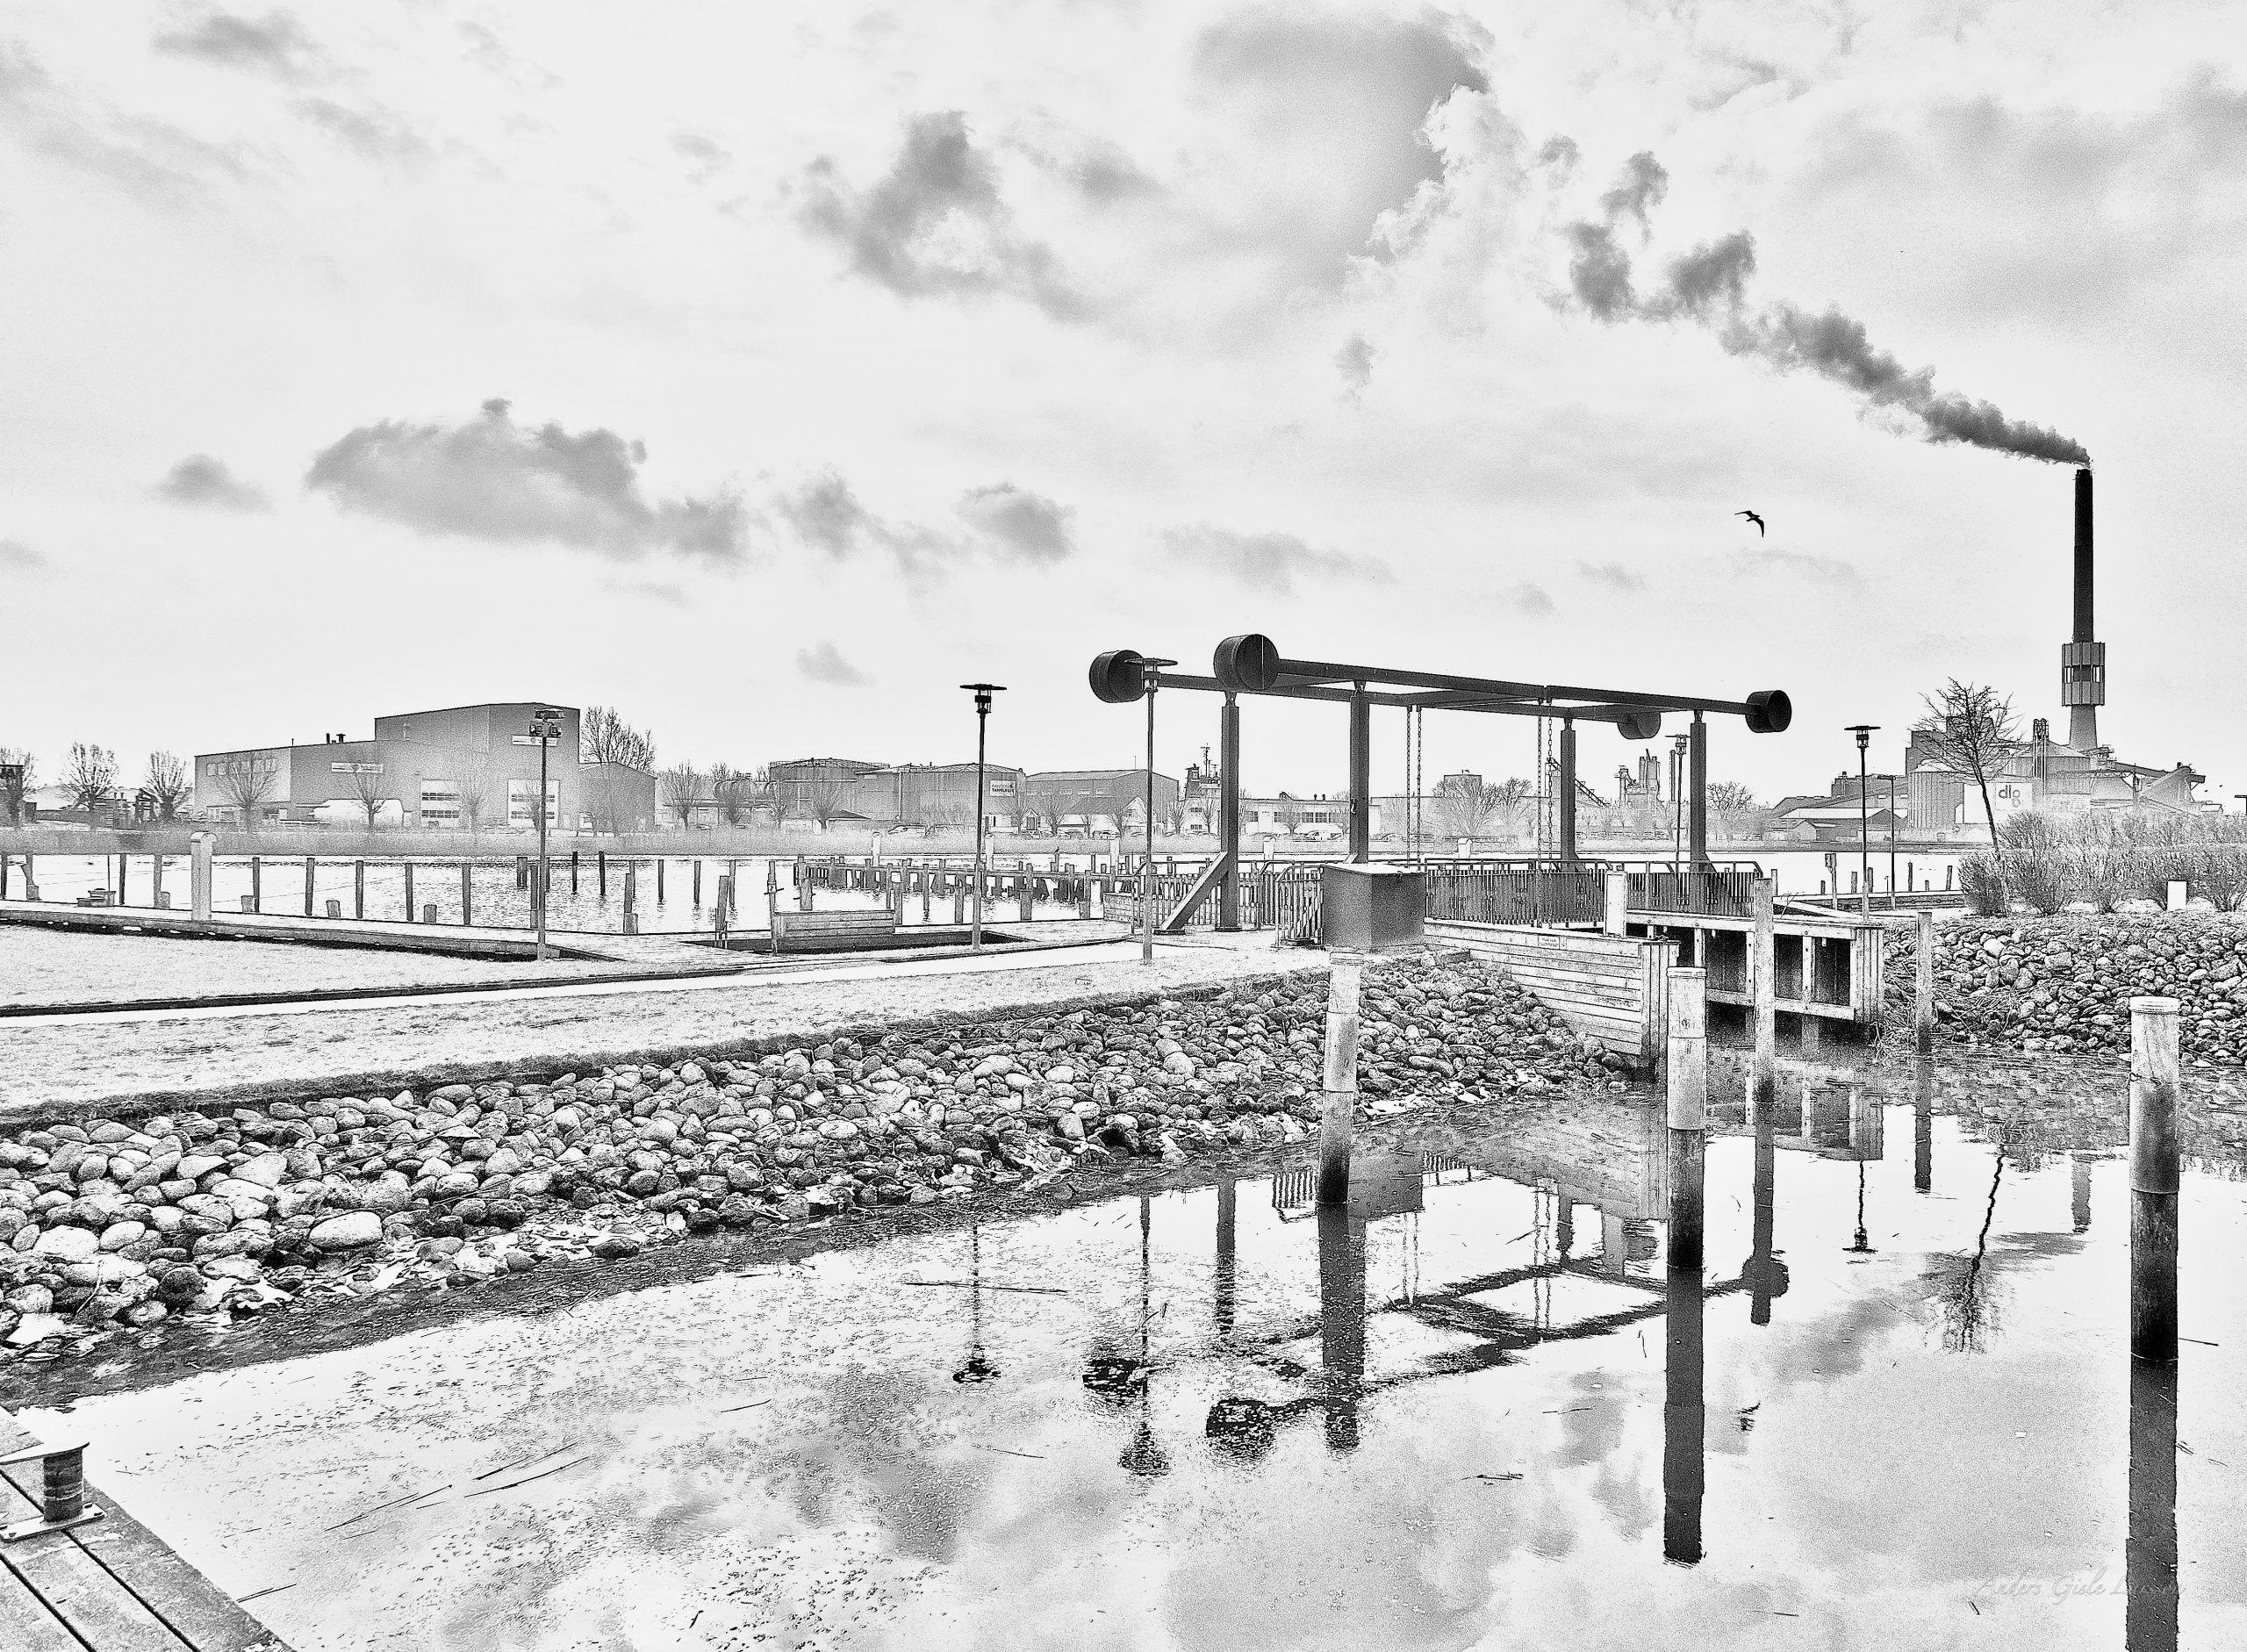 Spejling, Kontur, Uge 8, 52/365, Lystbådehavnen, Randers